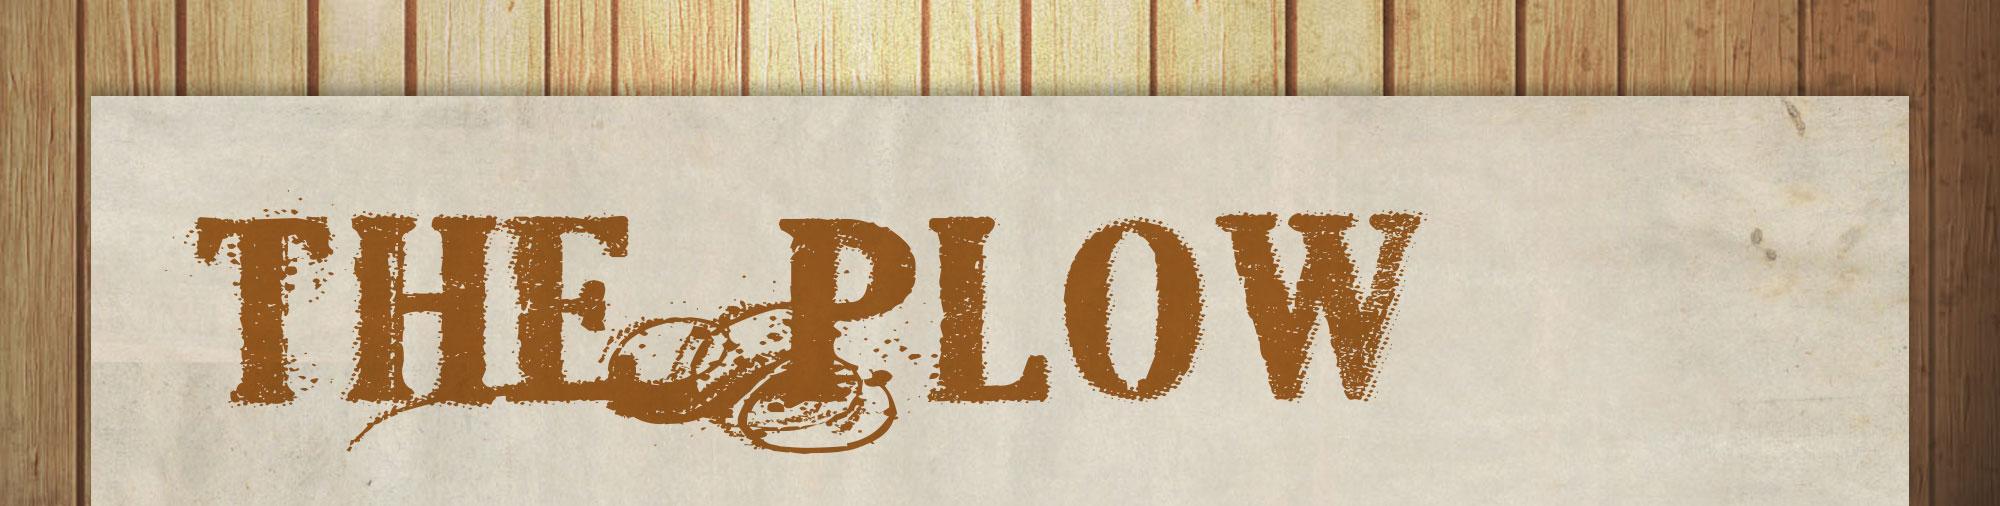 plow_banner